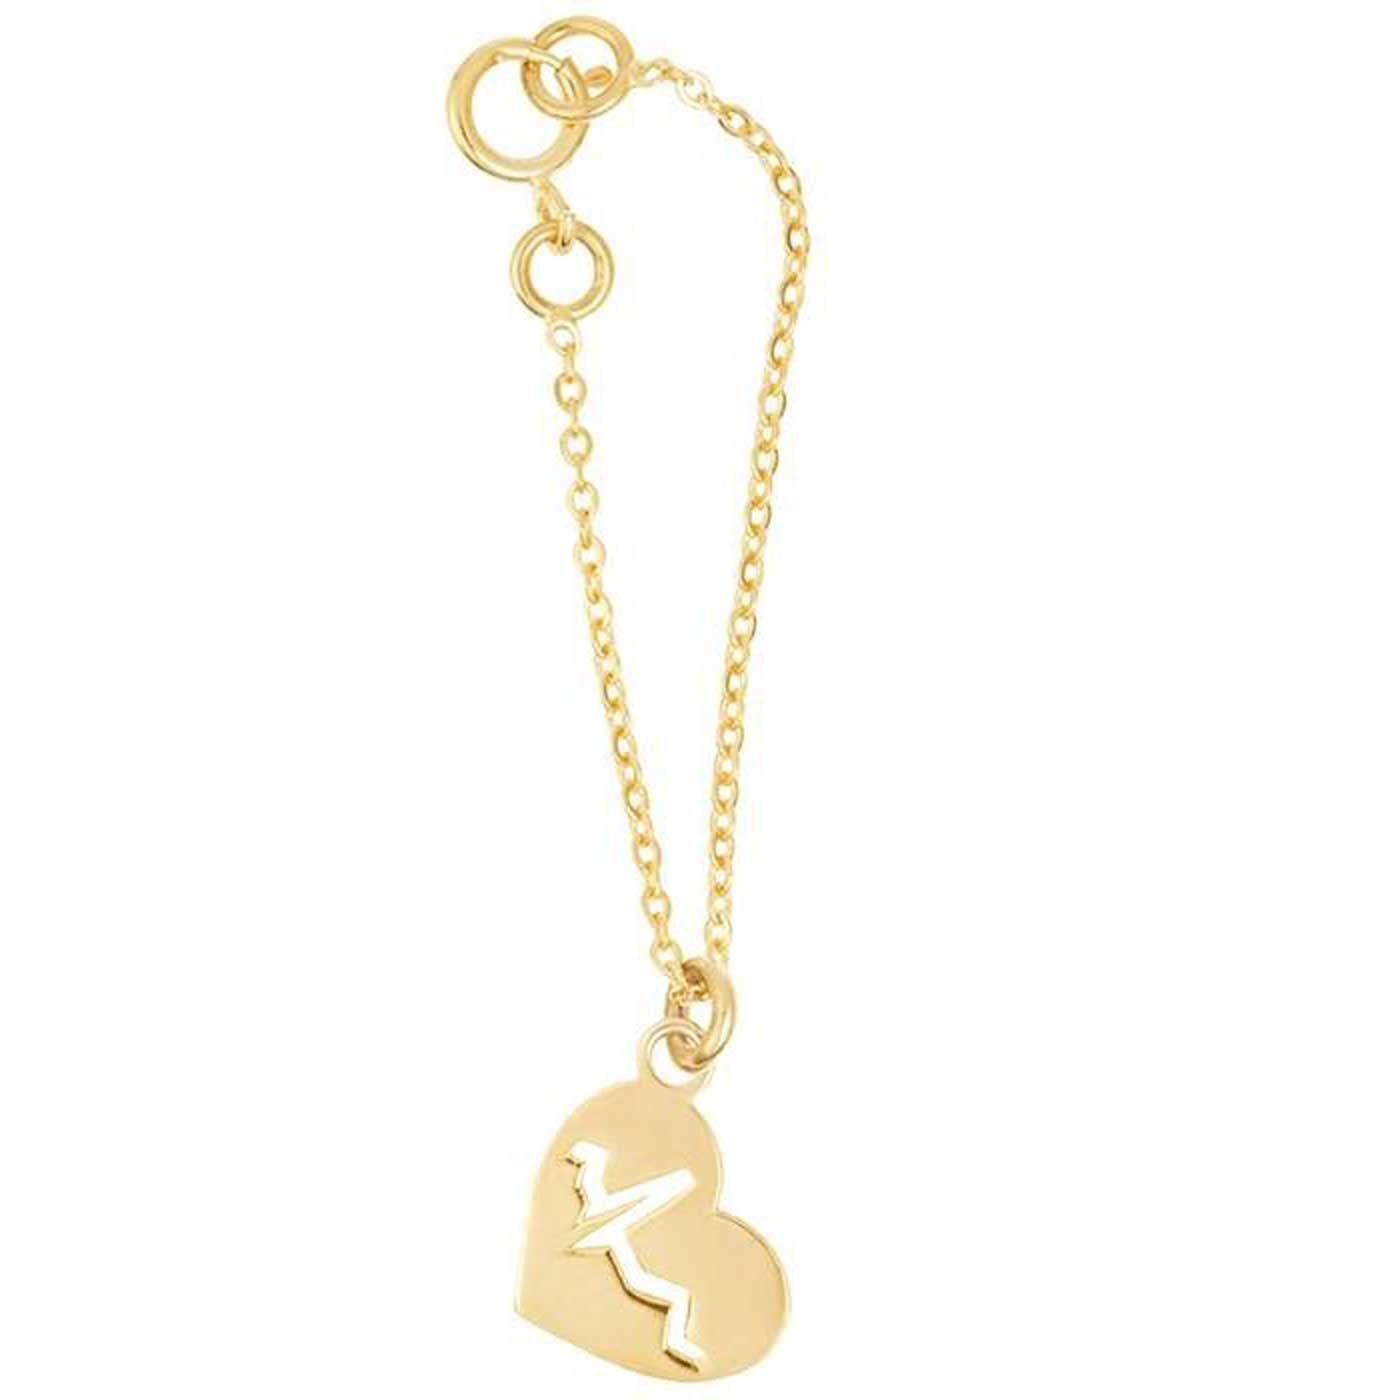 آویز ساعت طلا 18 عیار زنانه کانیار گالری کد AS32 -  - 1